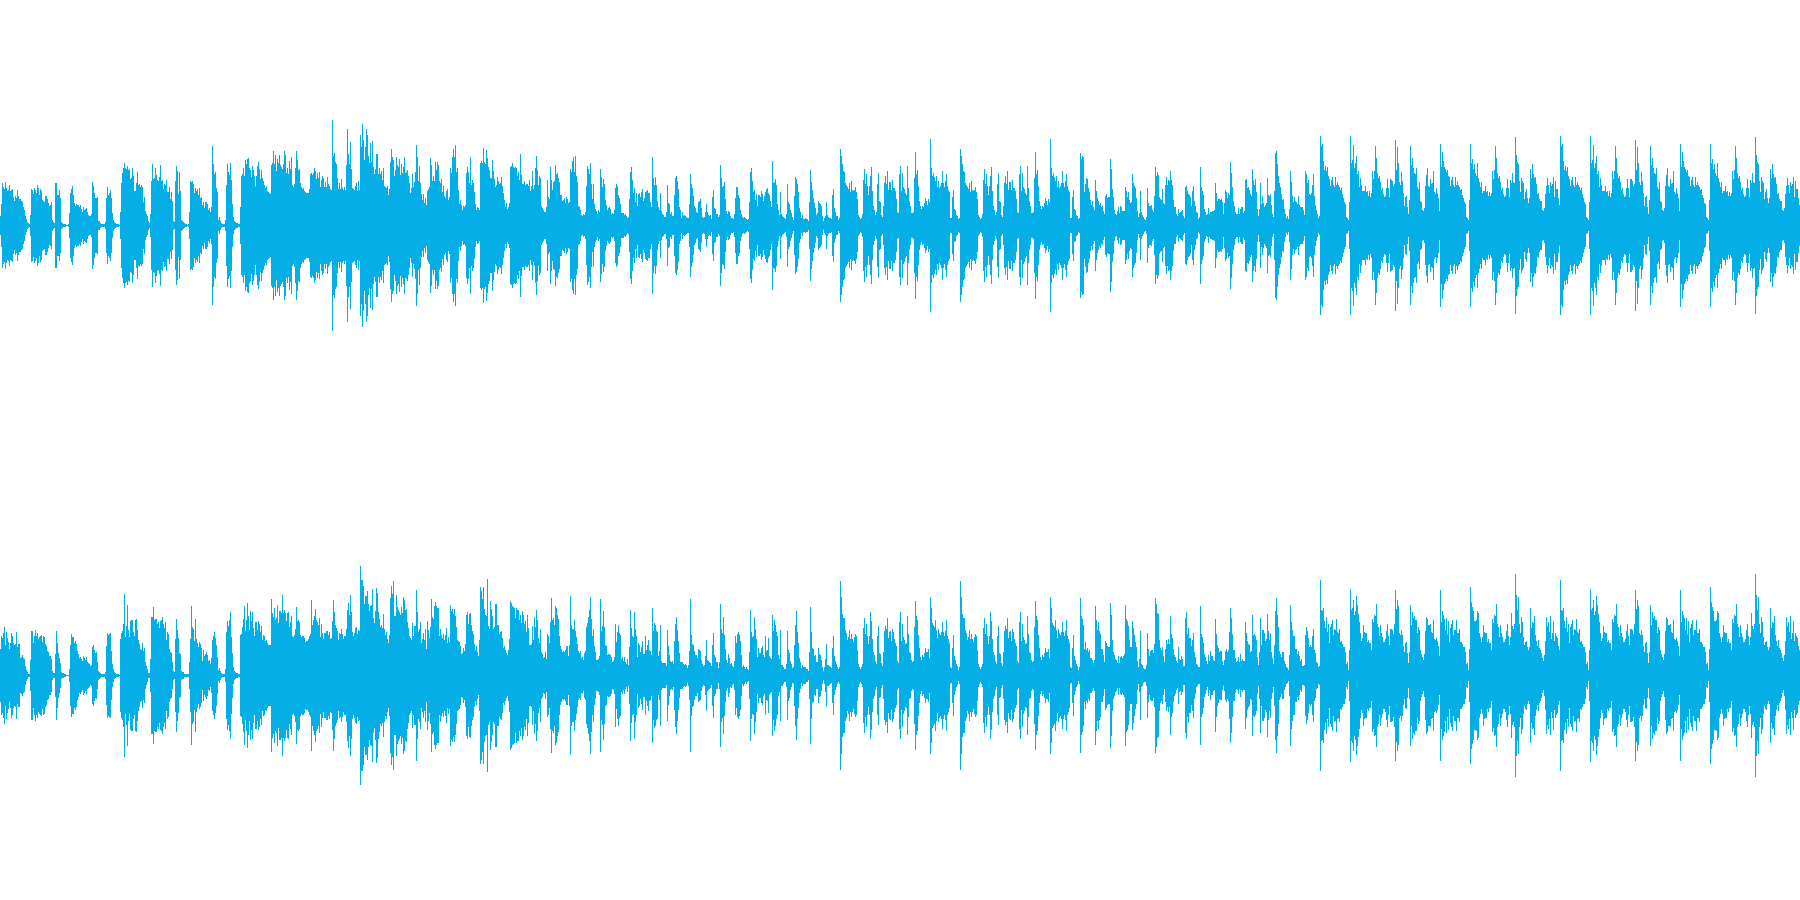 ご機嫌なホーンセクション中心のジングルの再生済みの波形